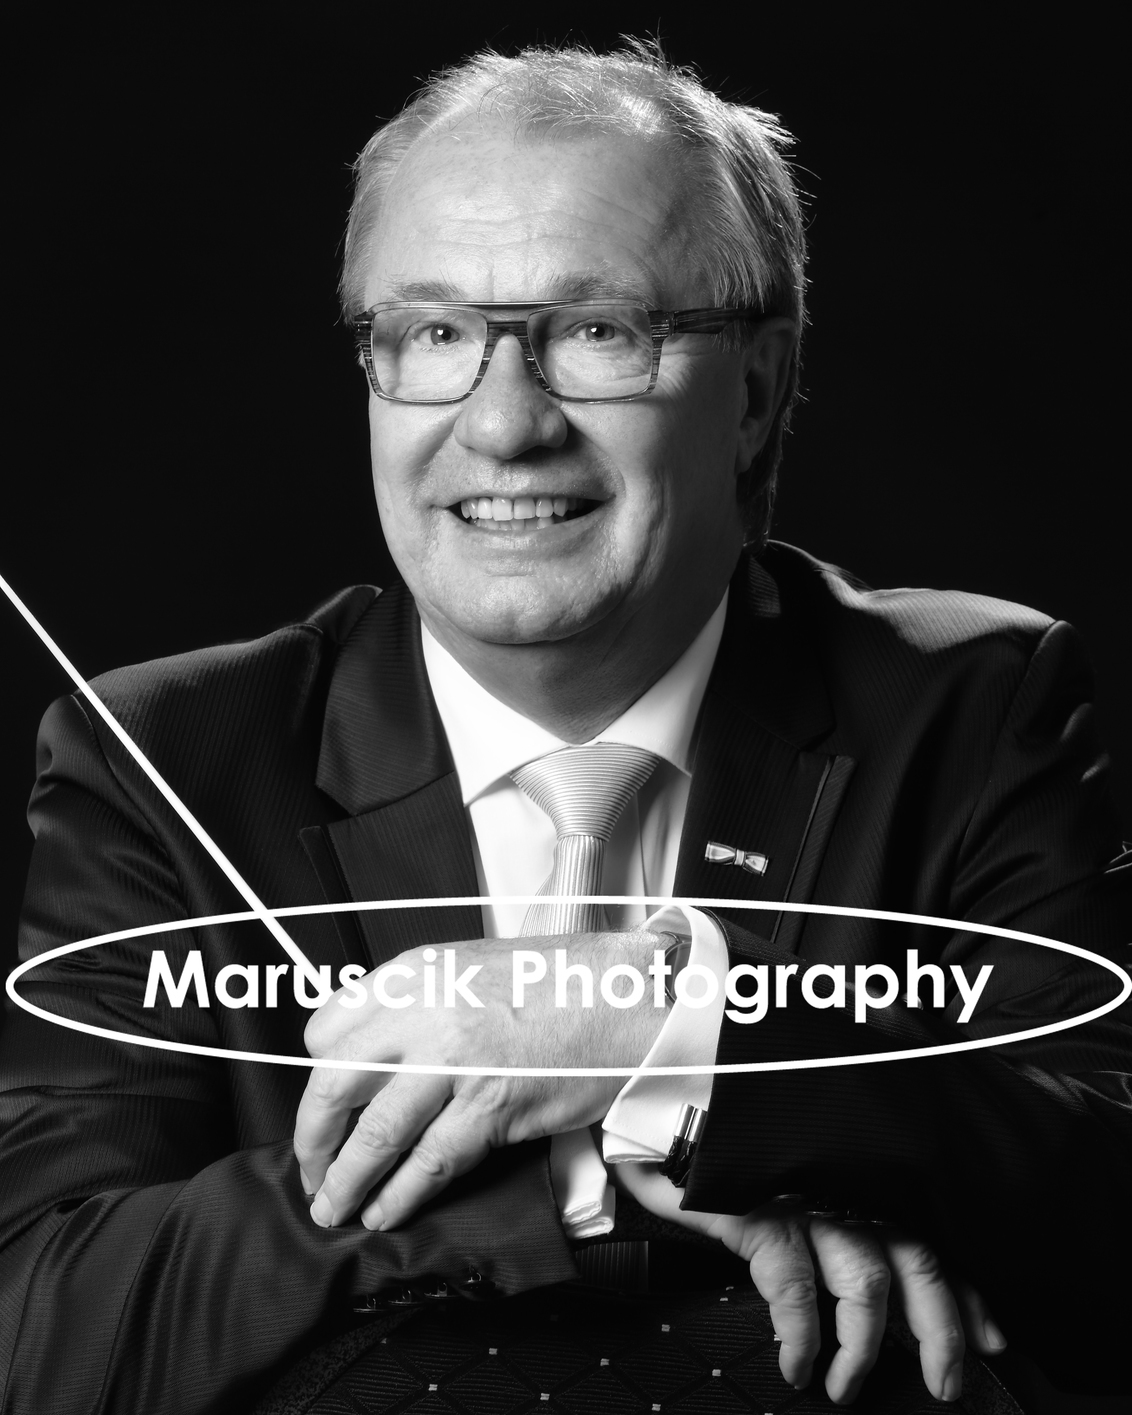 portret ZW - Gemaakt voor muzkanten portofolio - foto door MichaelJohn op 28-06-2017 - deze foto bevat: man, donker, portret, zwartwit, fotoshoot, maruscik